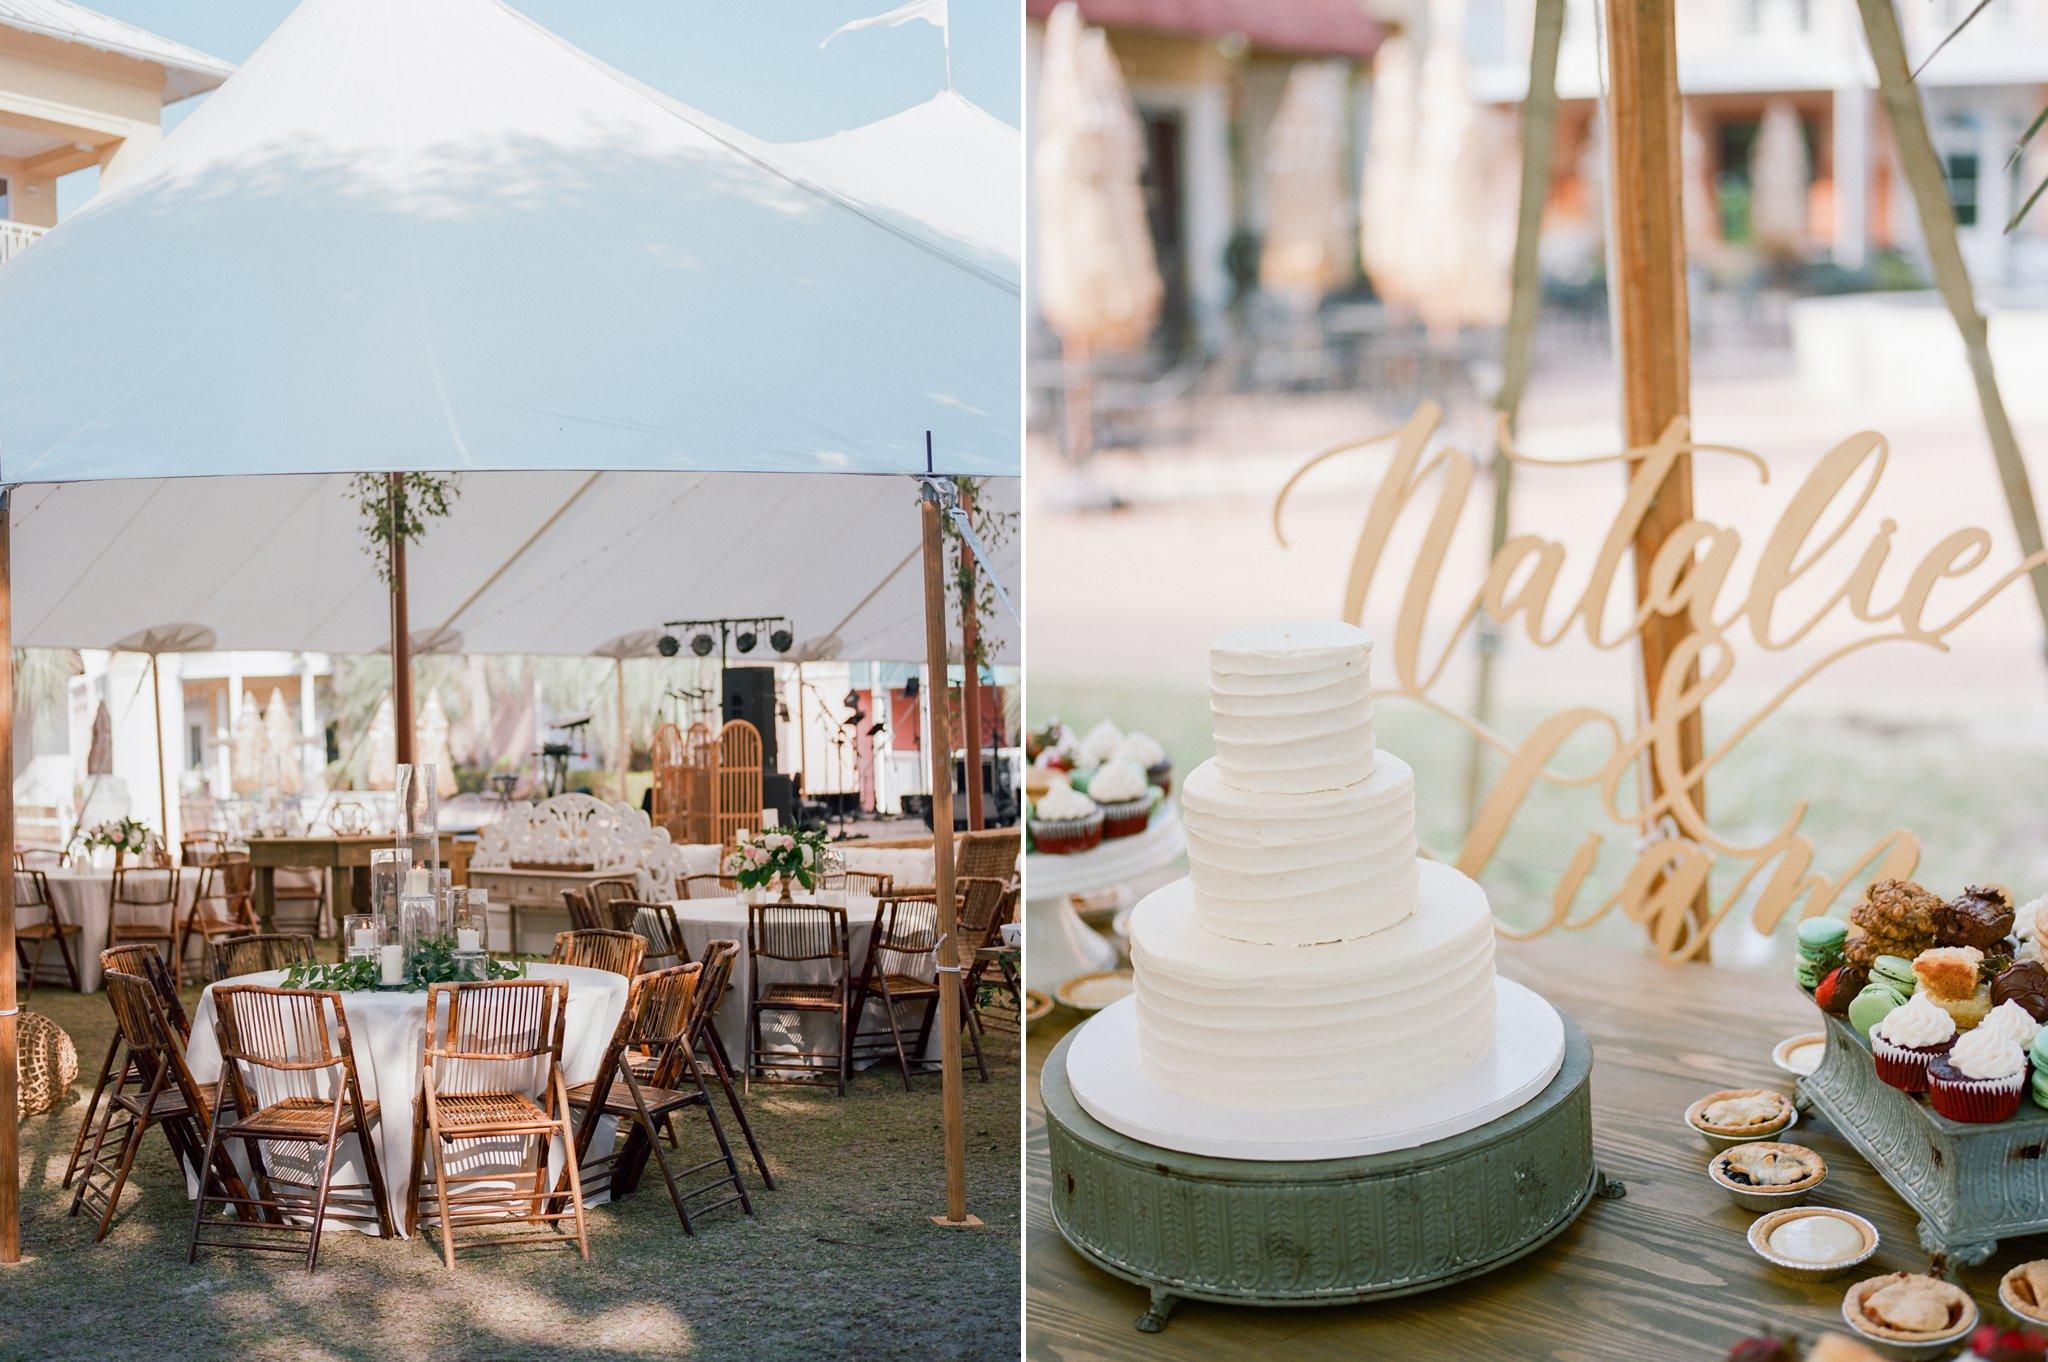 carillon beach wedding photographer shannon griffin photographer_0099.jpg